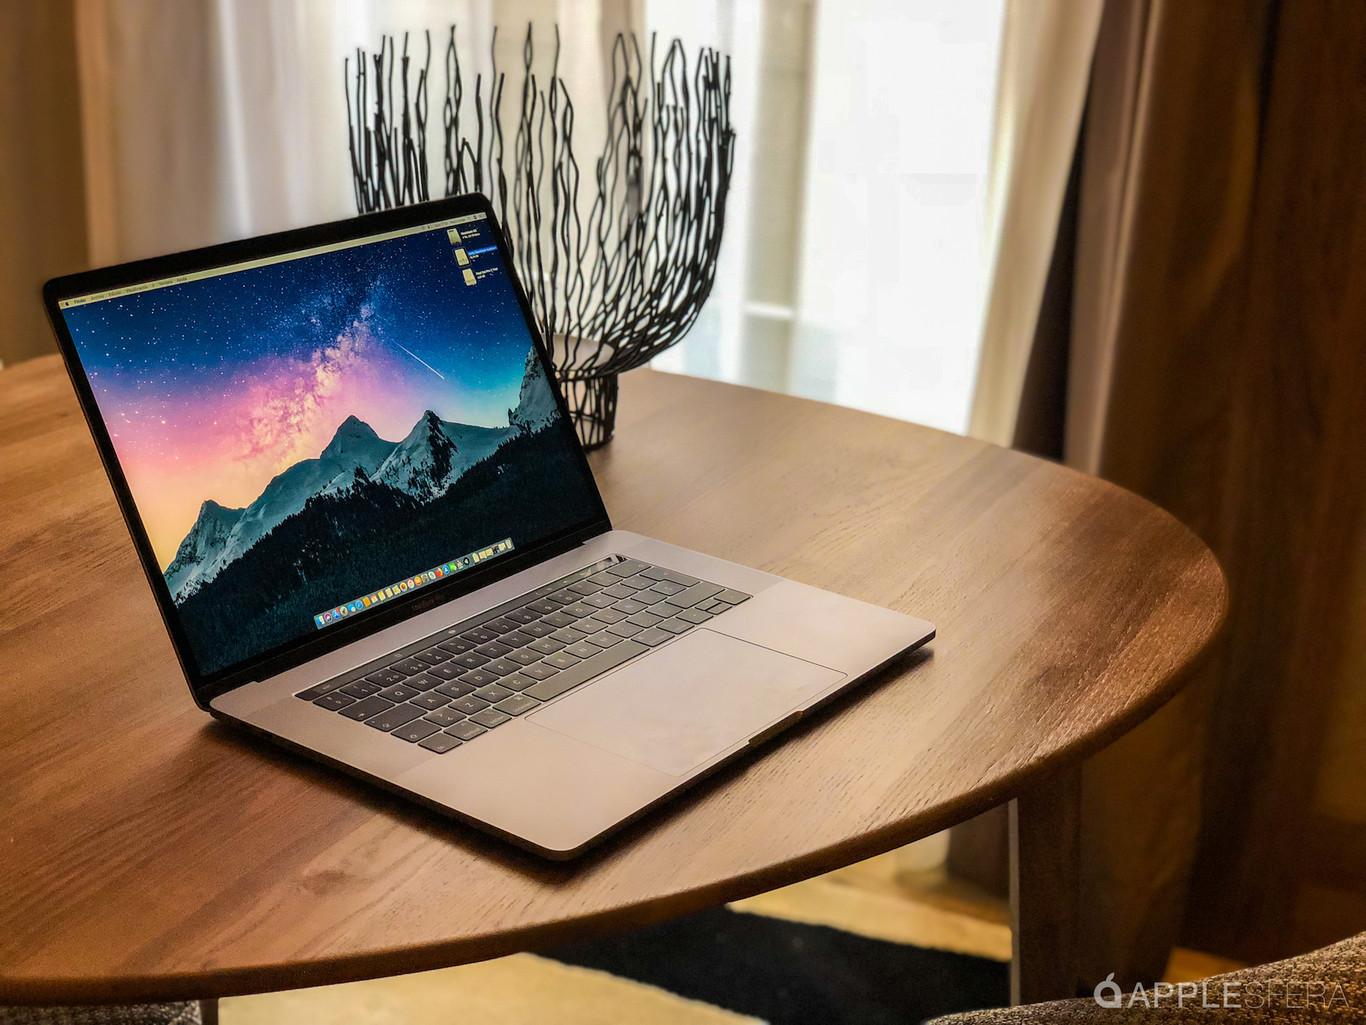 La ECC ya tiene los nuevos MacBook Pro de 16 pulgadas y los Apple Watch Series 5 en sus registros